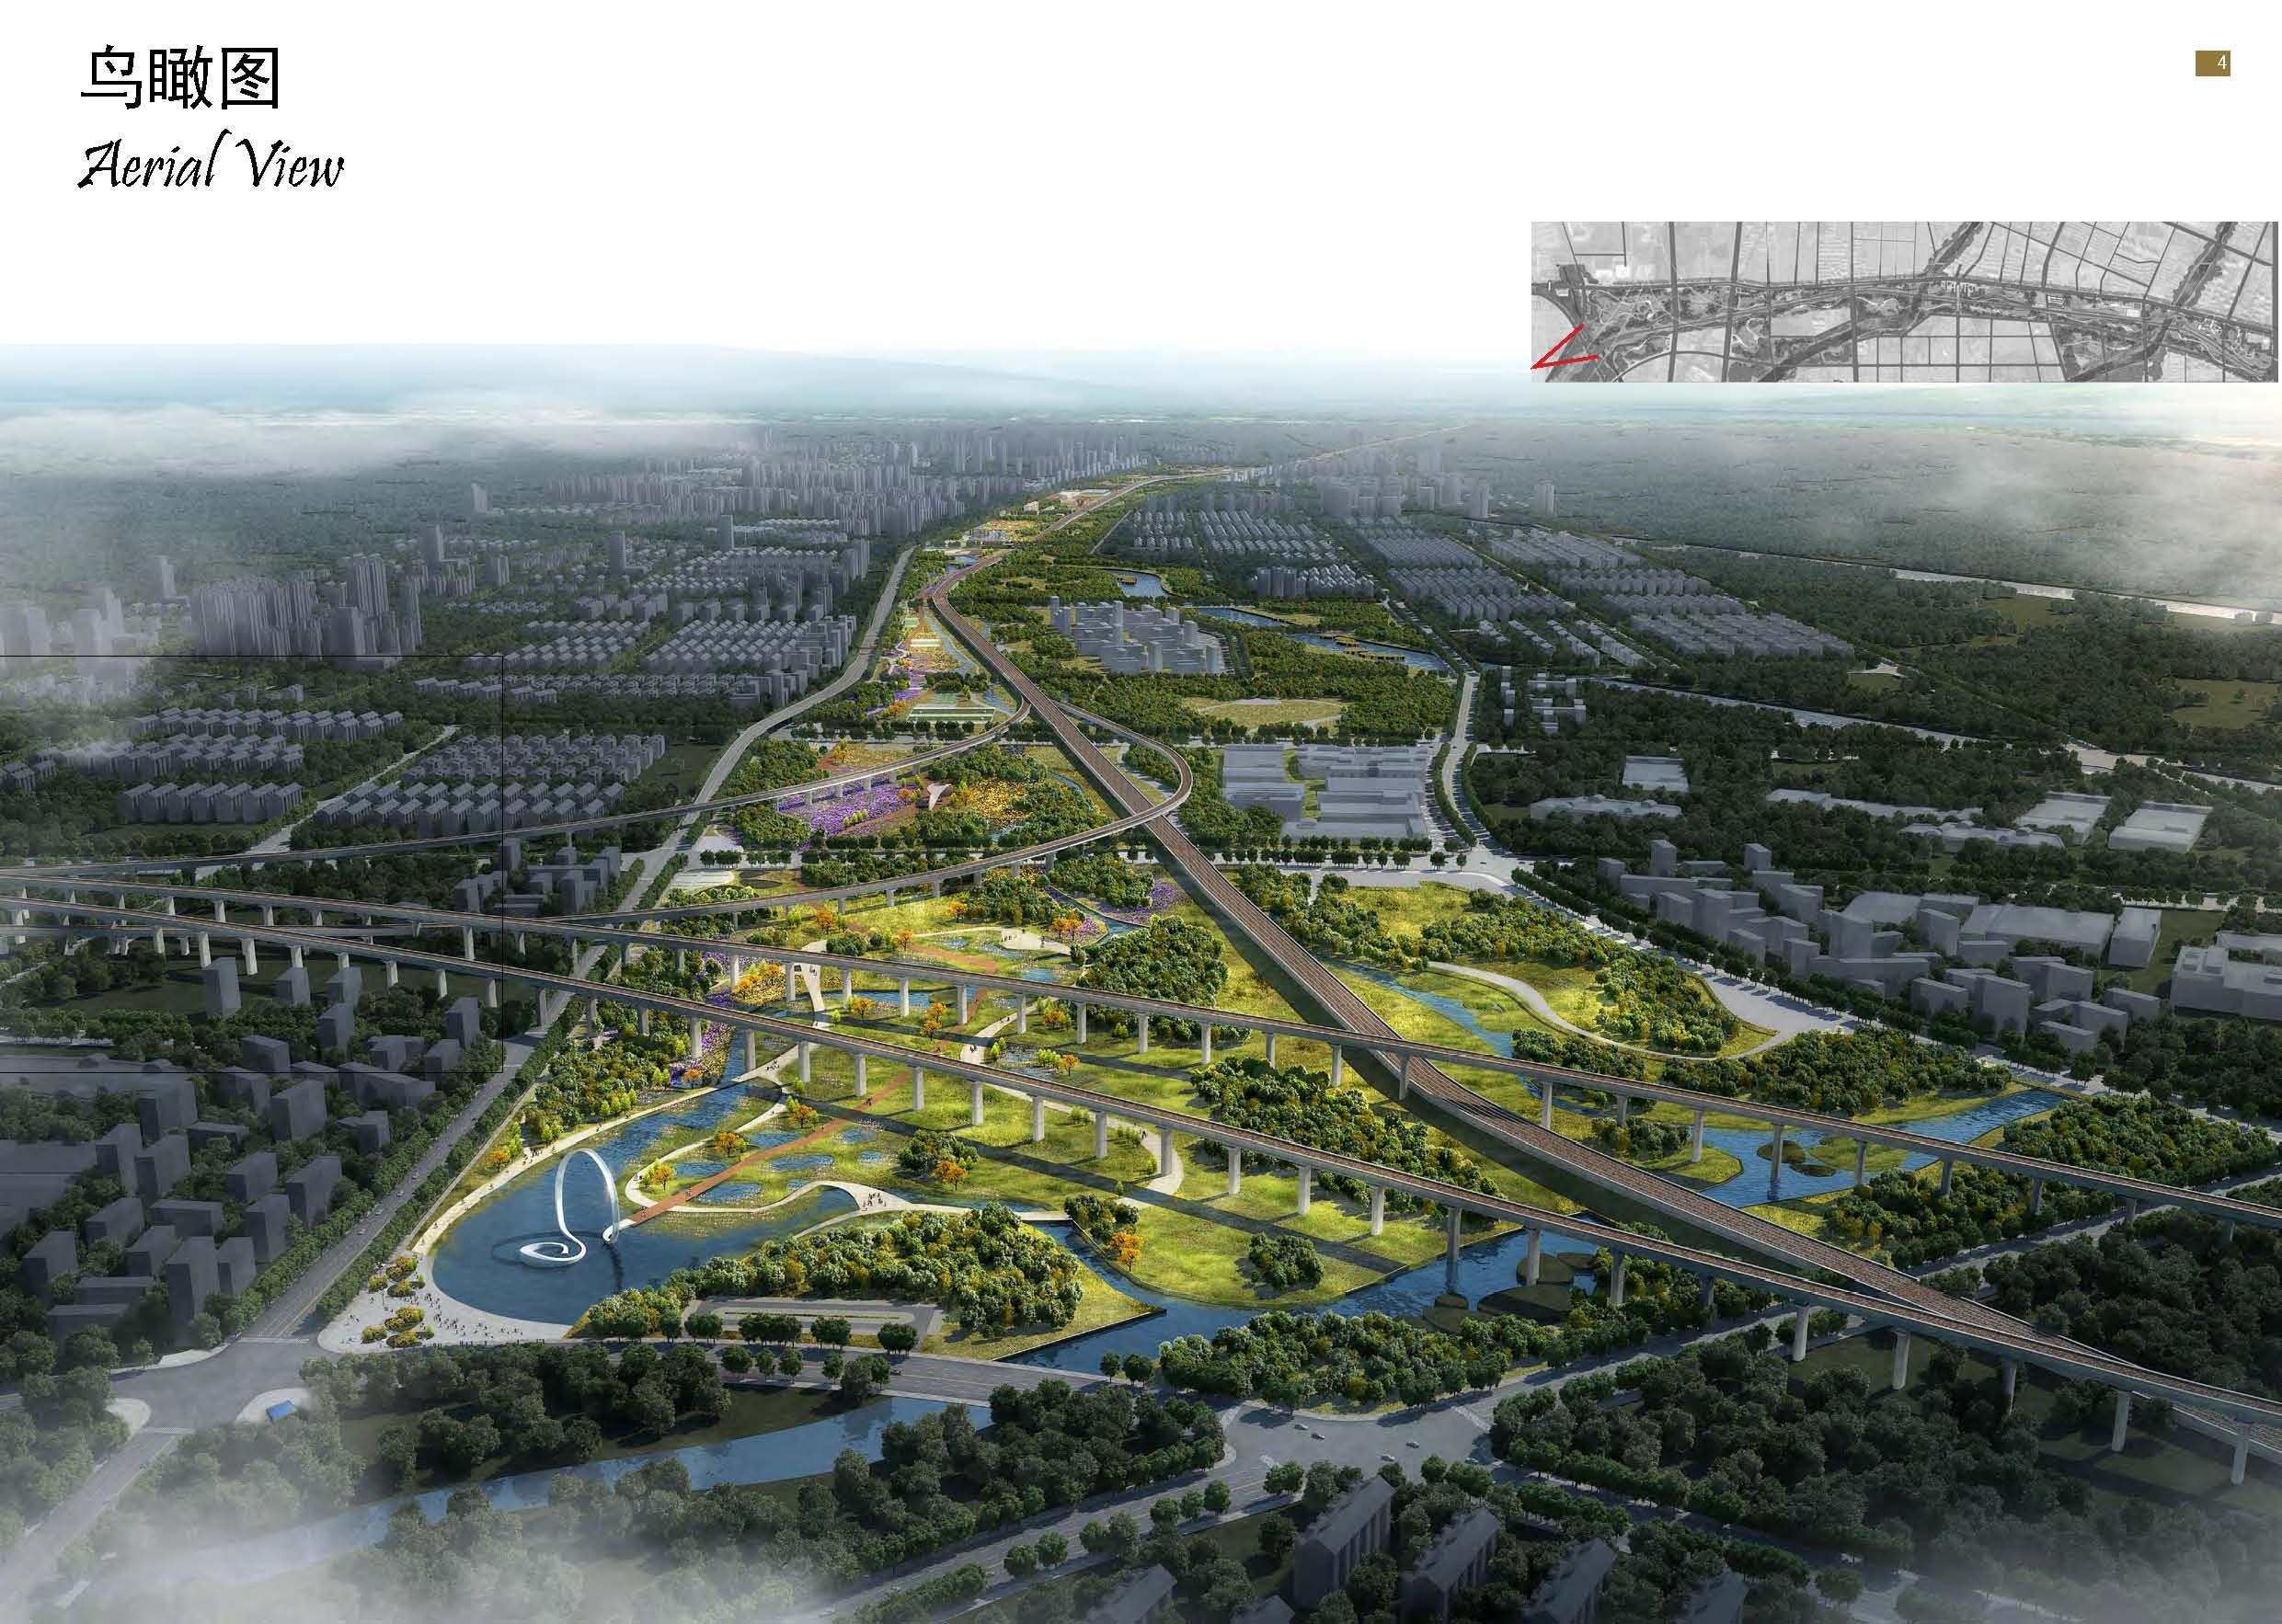 雨水花园-日照市民公园开工建设 预计2018年6月完工图片